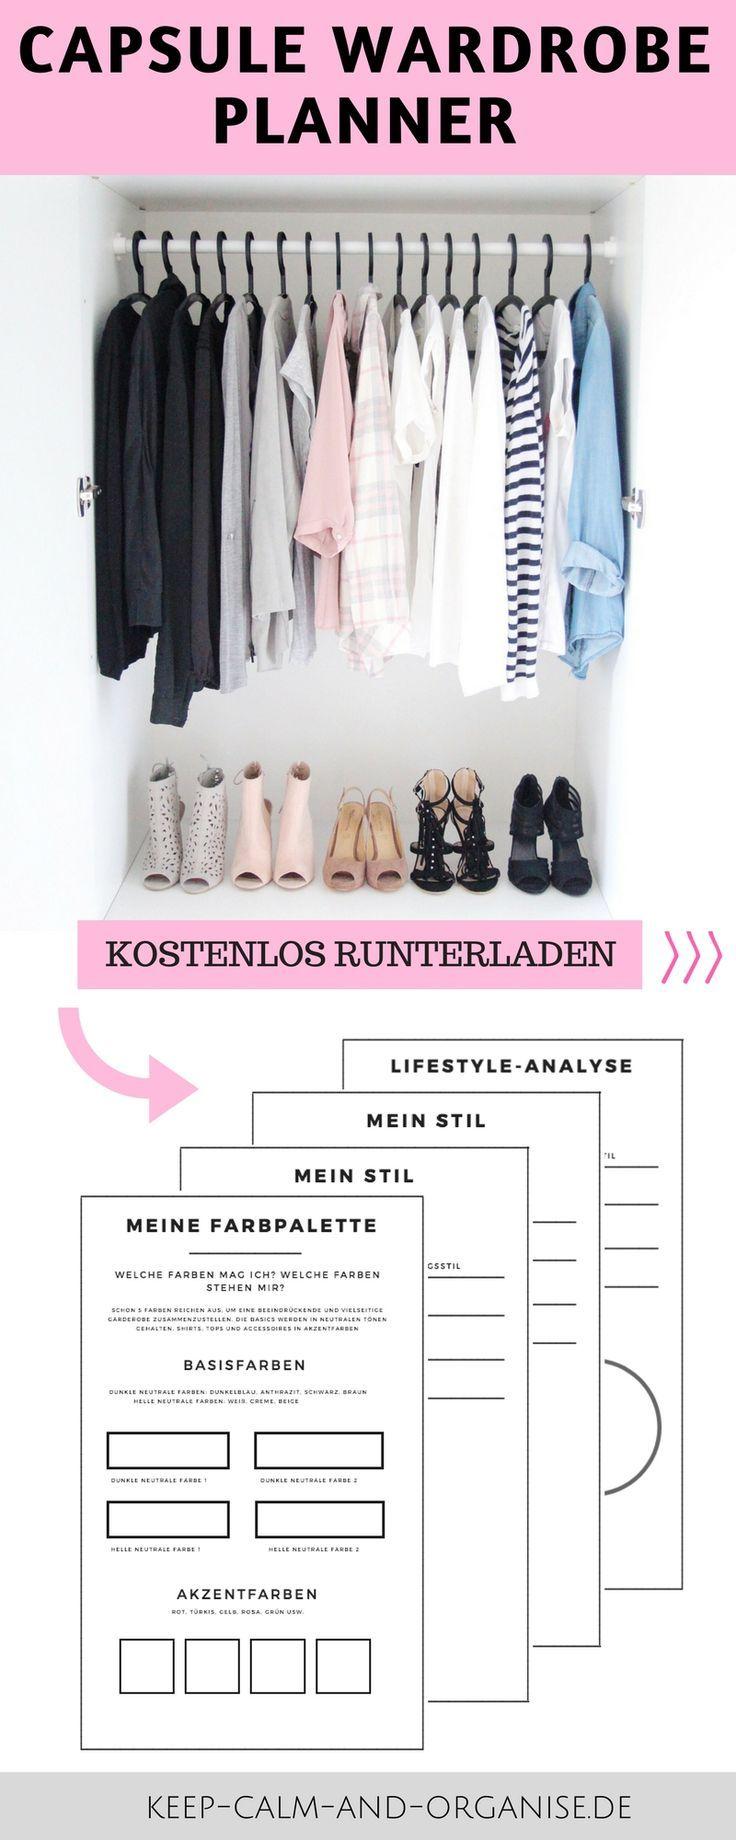 minimalistische garderobe capsue wardrobe minimalismus mode minimalismus kleidung. Black Bedroom Furniture Sets. Home Design Ideas